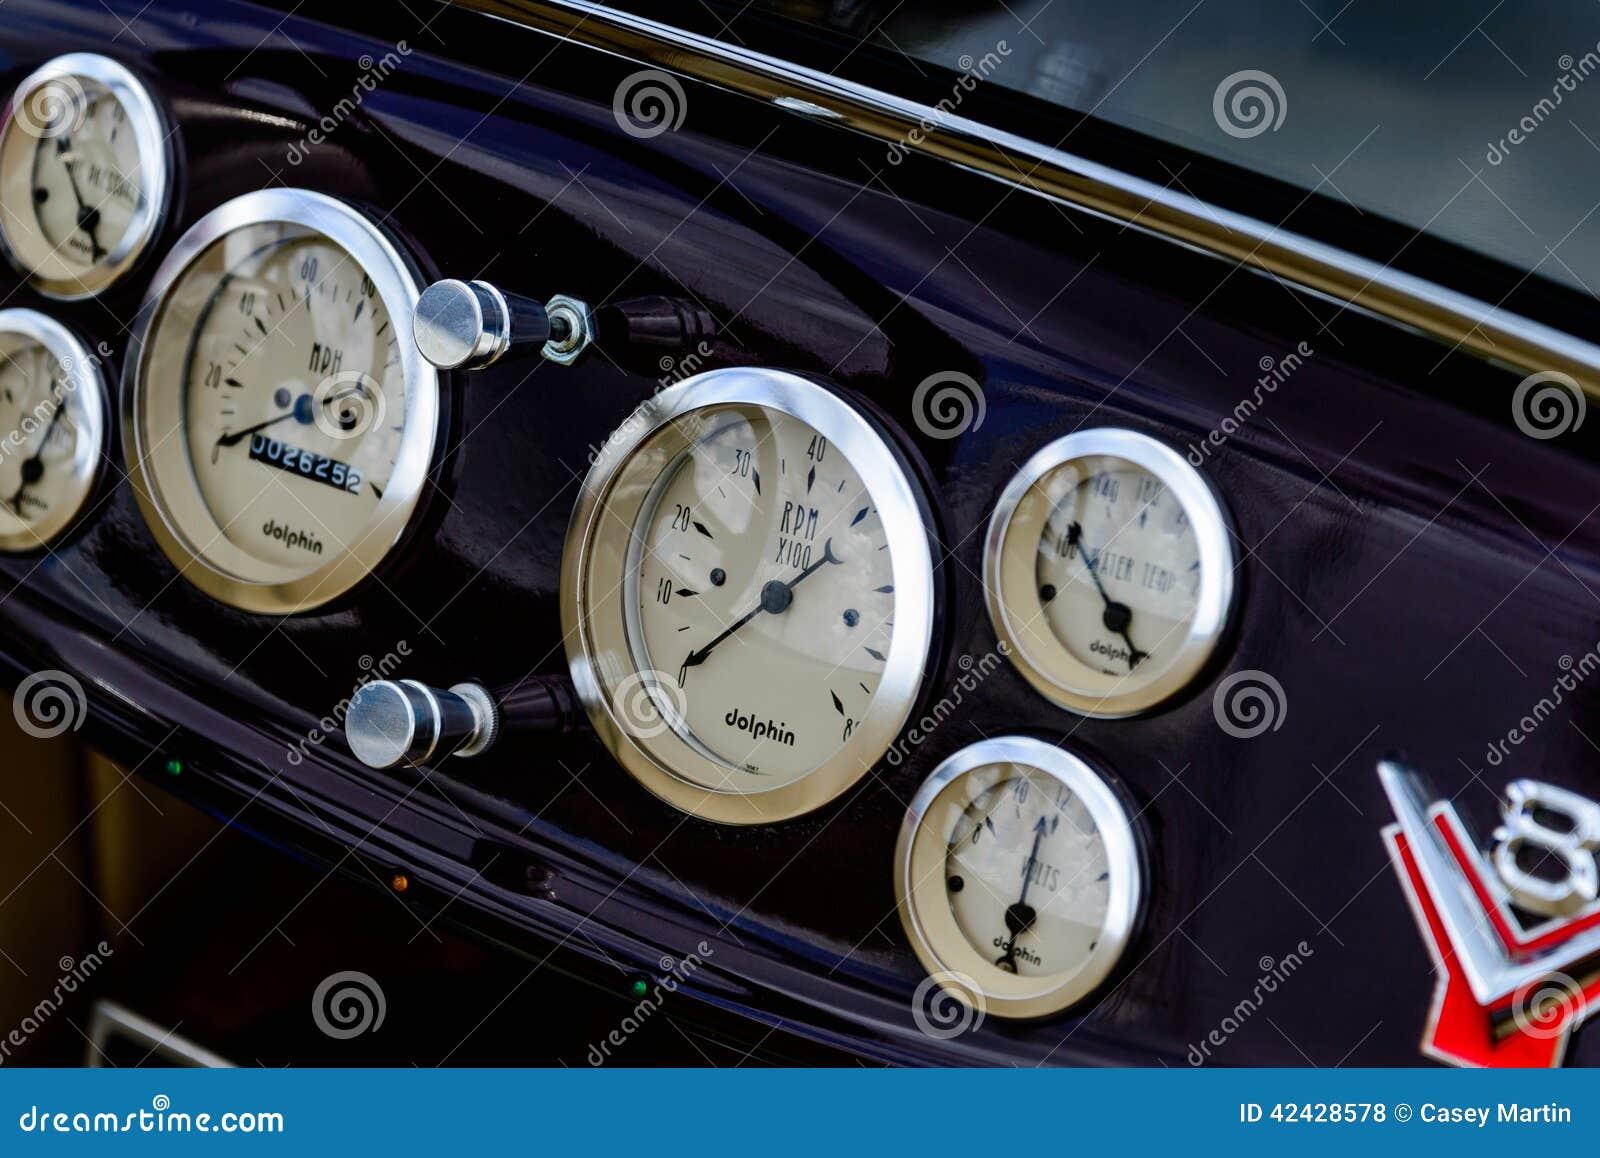 Tablero de instrumentos del coche del equipo del automóvil descubierto del vado de los años 30